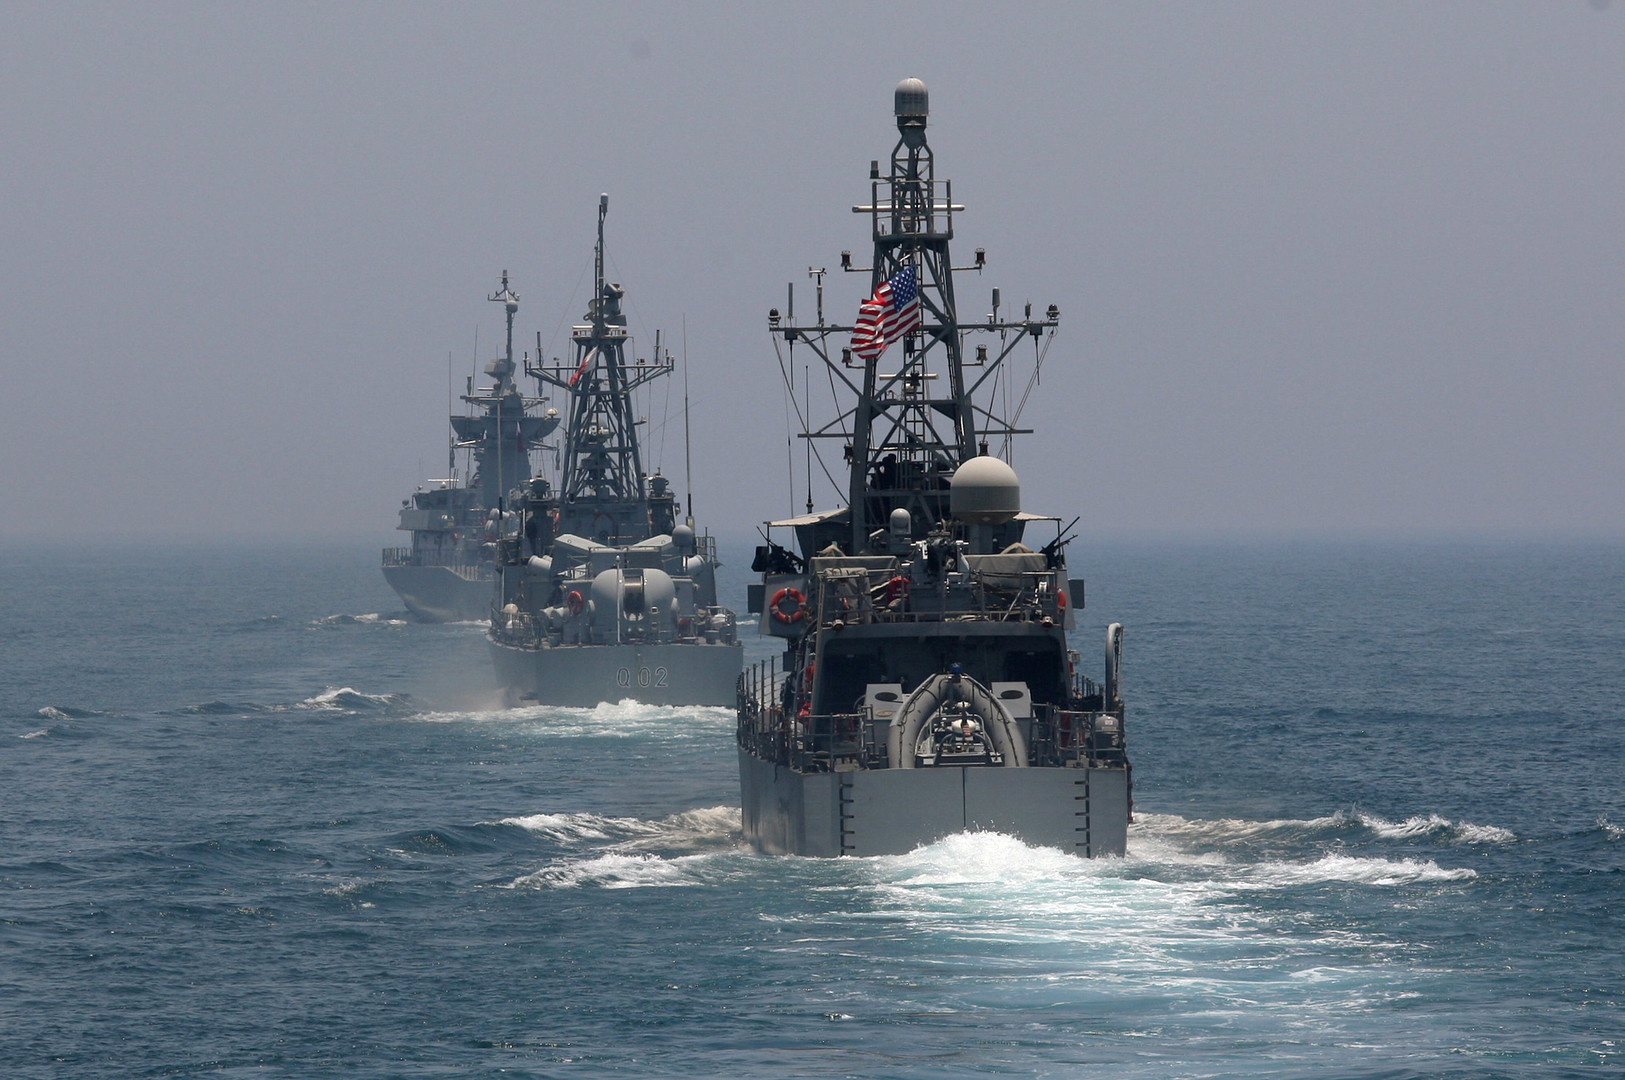 بالفيديو والصور.. قطر والولايات المتحدة تنفذان مناورات عسكرية مشتركة في مياه الخليج